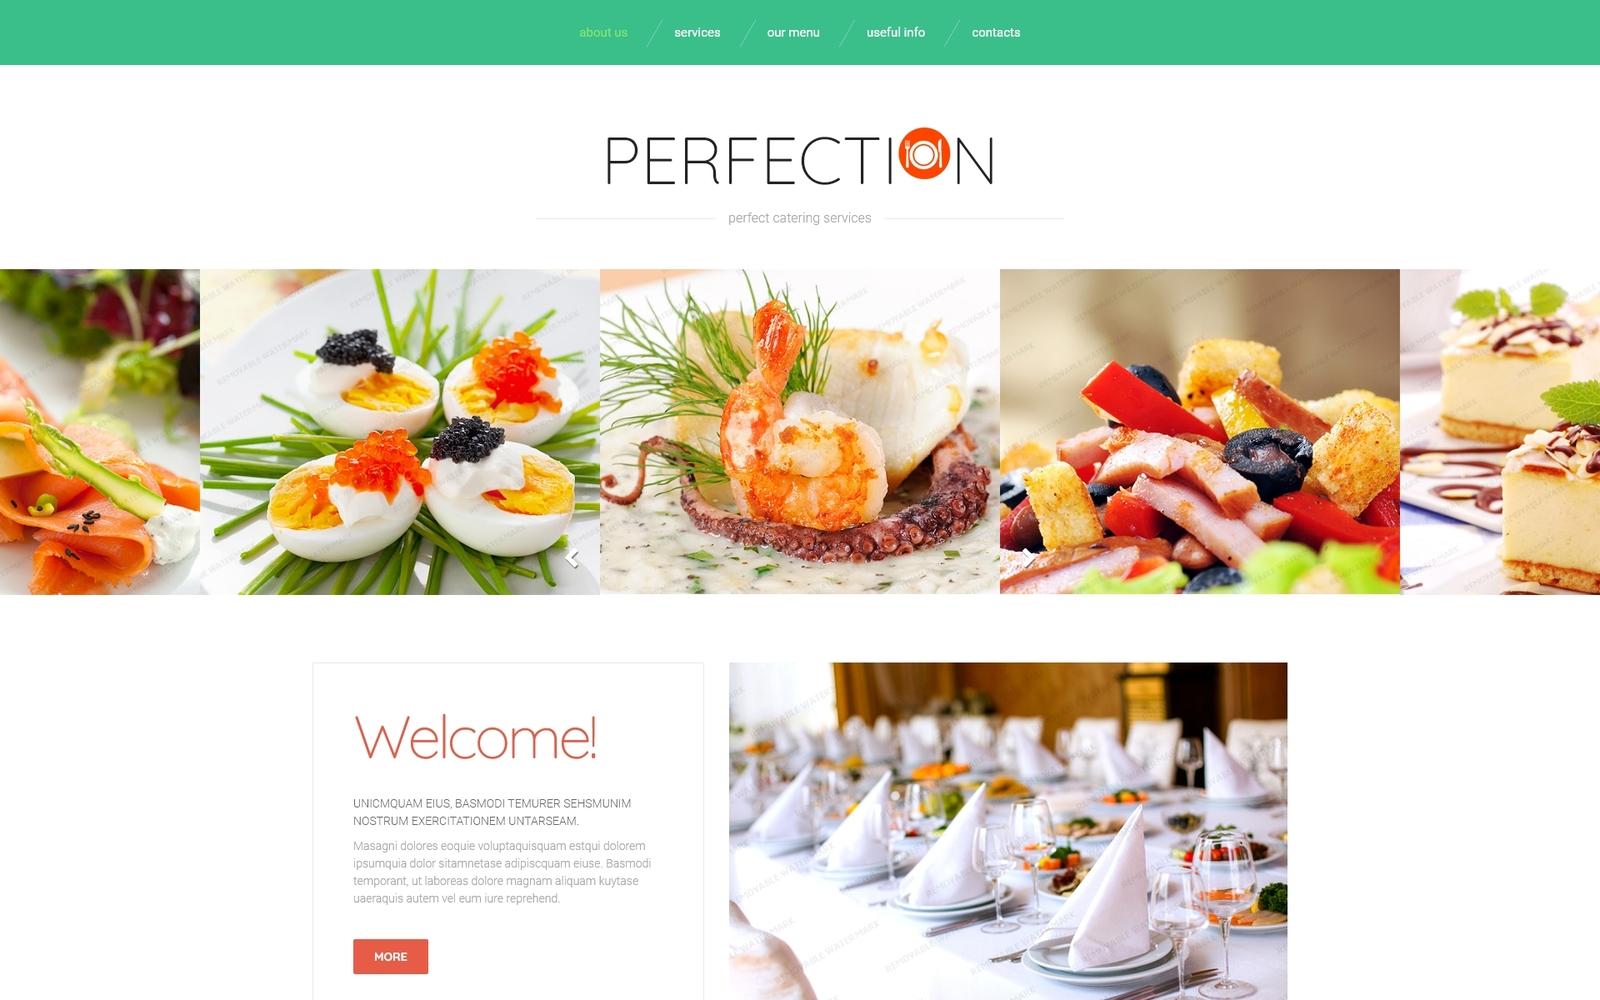 Reszponzív Food Delivery Services Weboldal sablon 53979